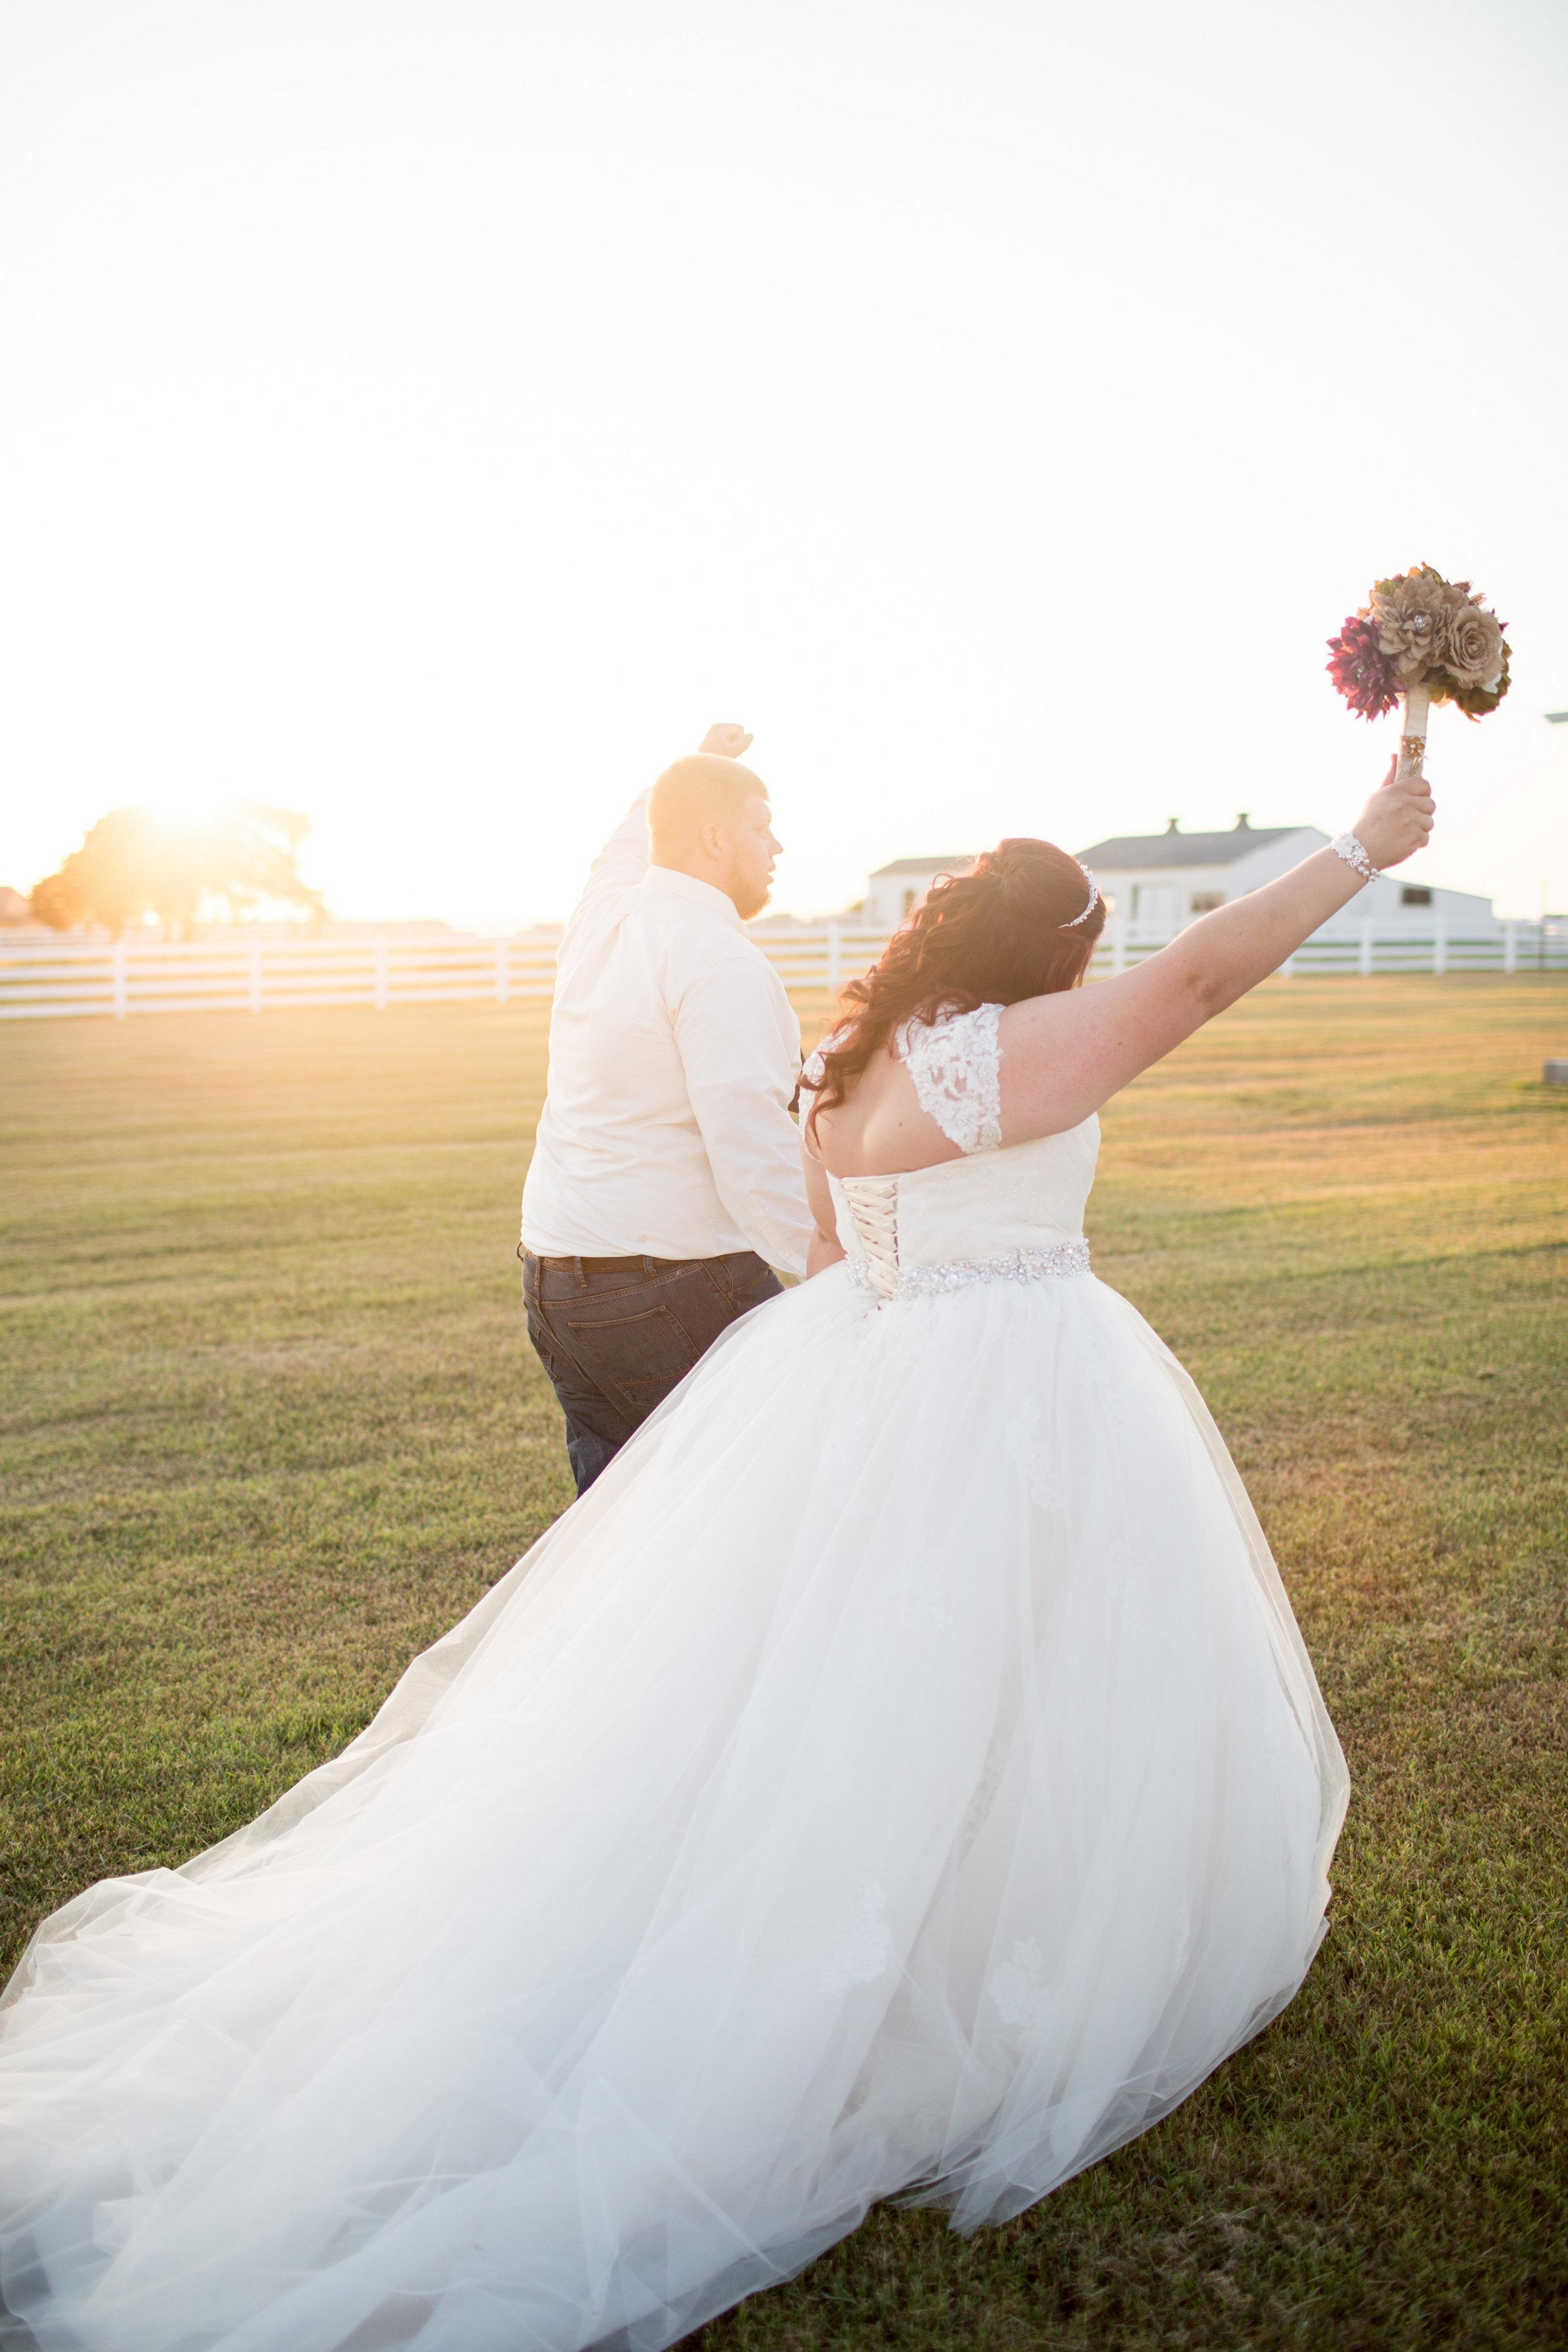 Jessica_McBroom_Komorebi_Weddings-686.jpg